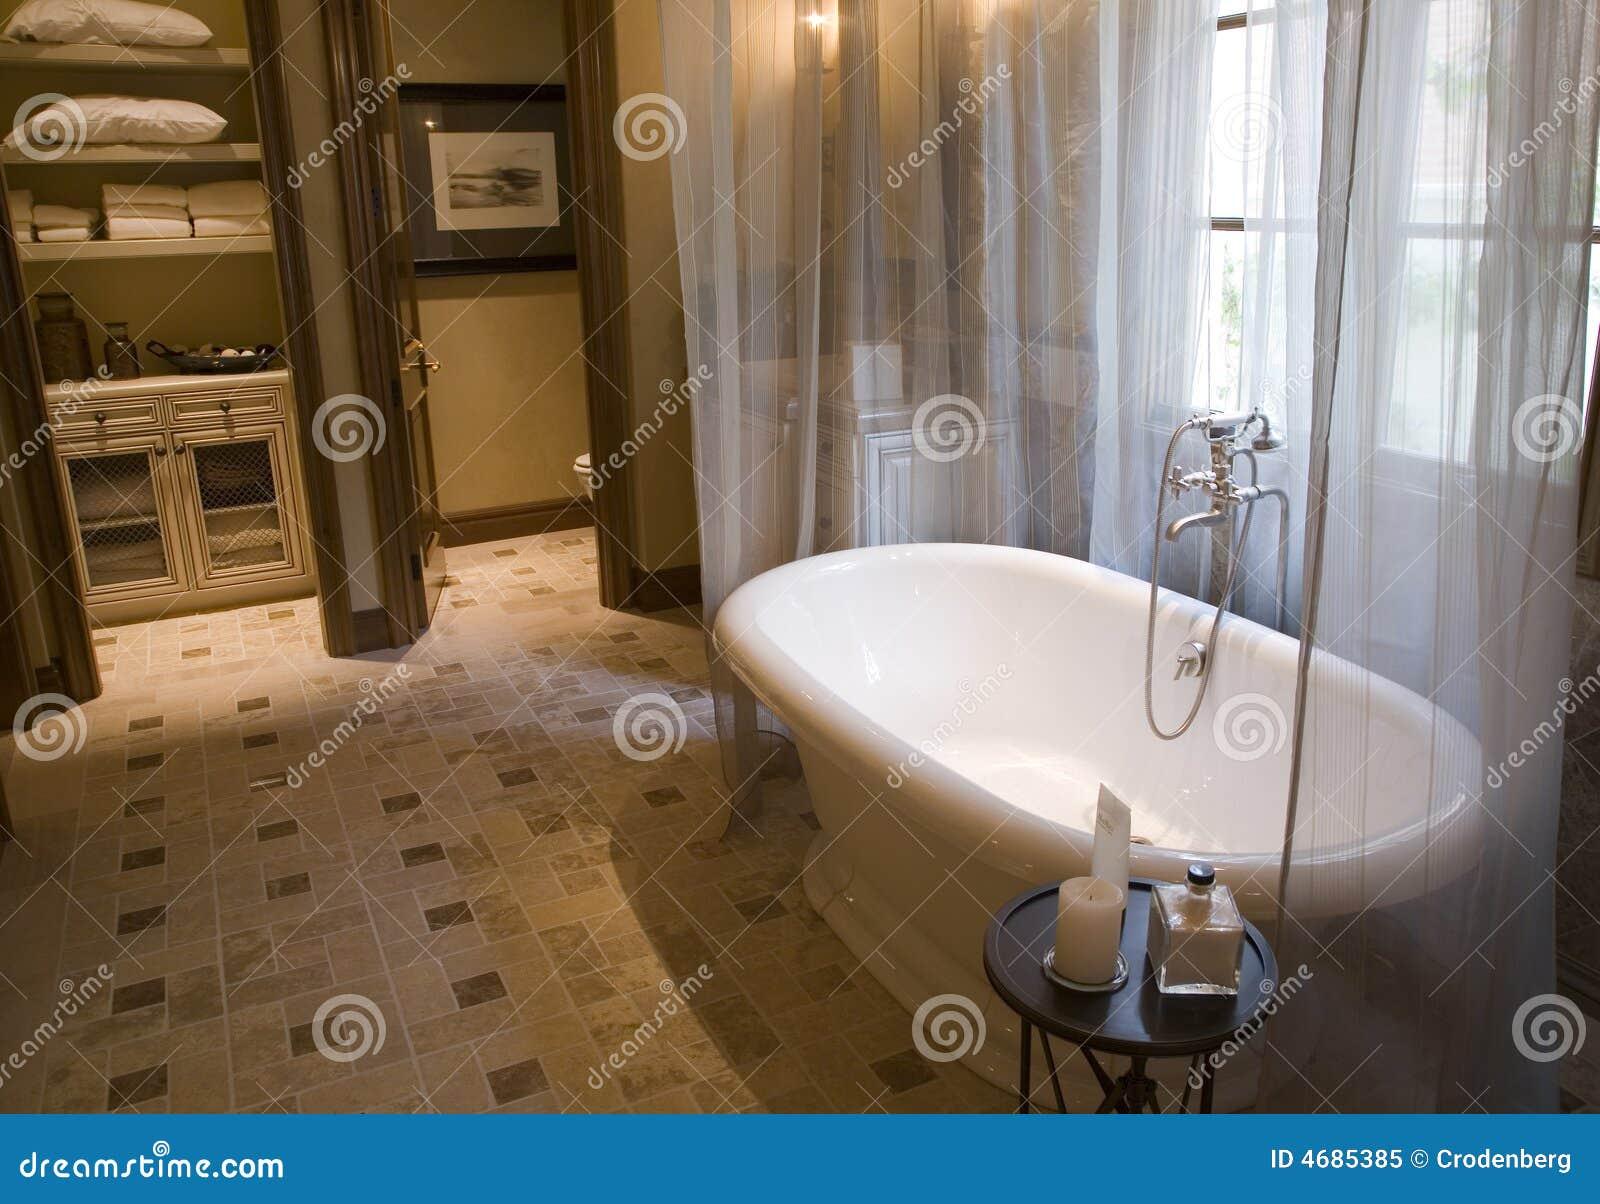 Diseno De Baños Con Tina:Cuarto De Baño Lujoso Con Una Tina Clásica Foto de archivo libre de